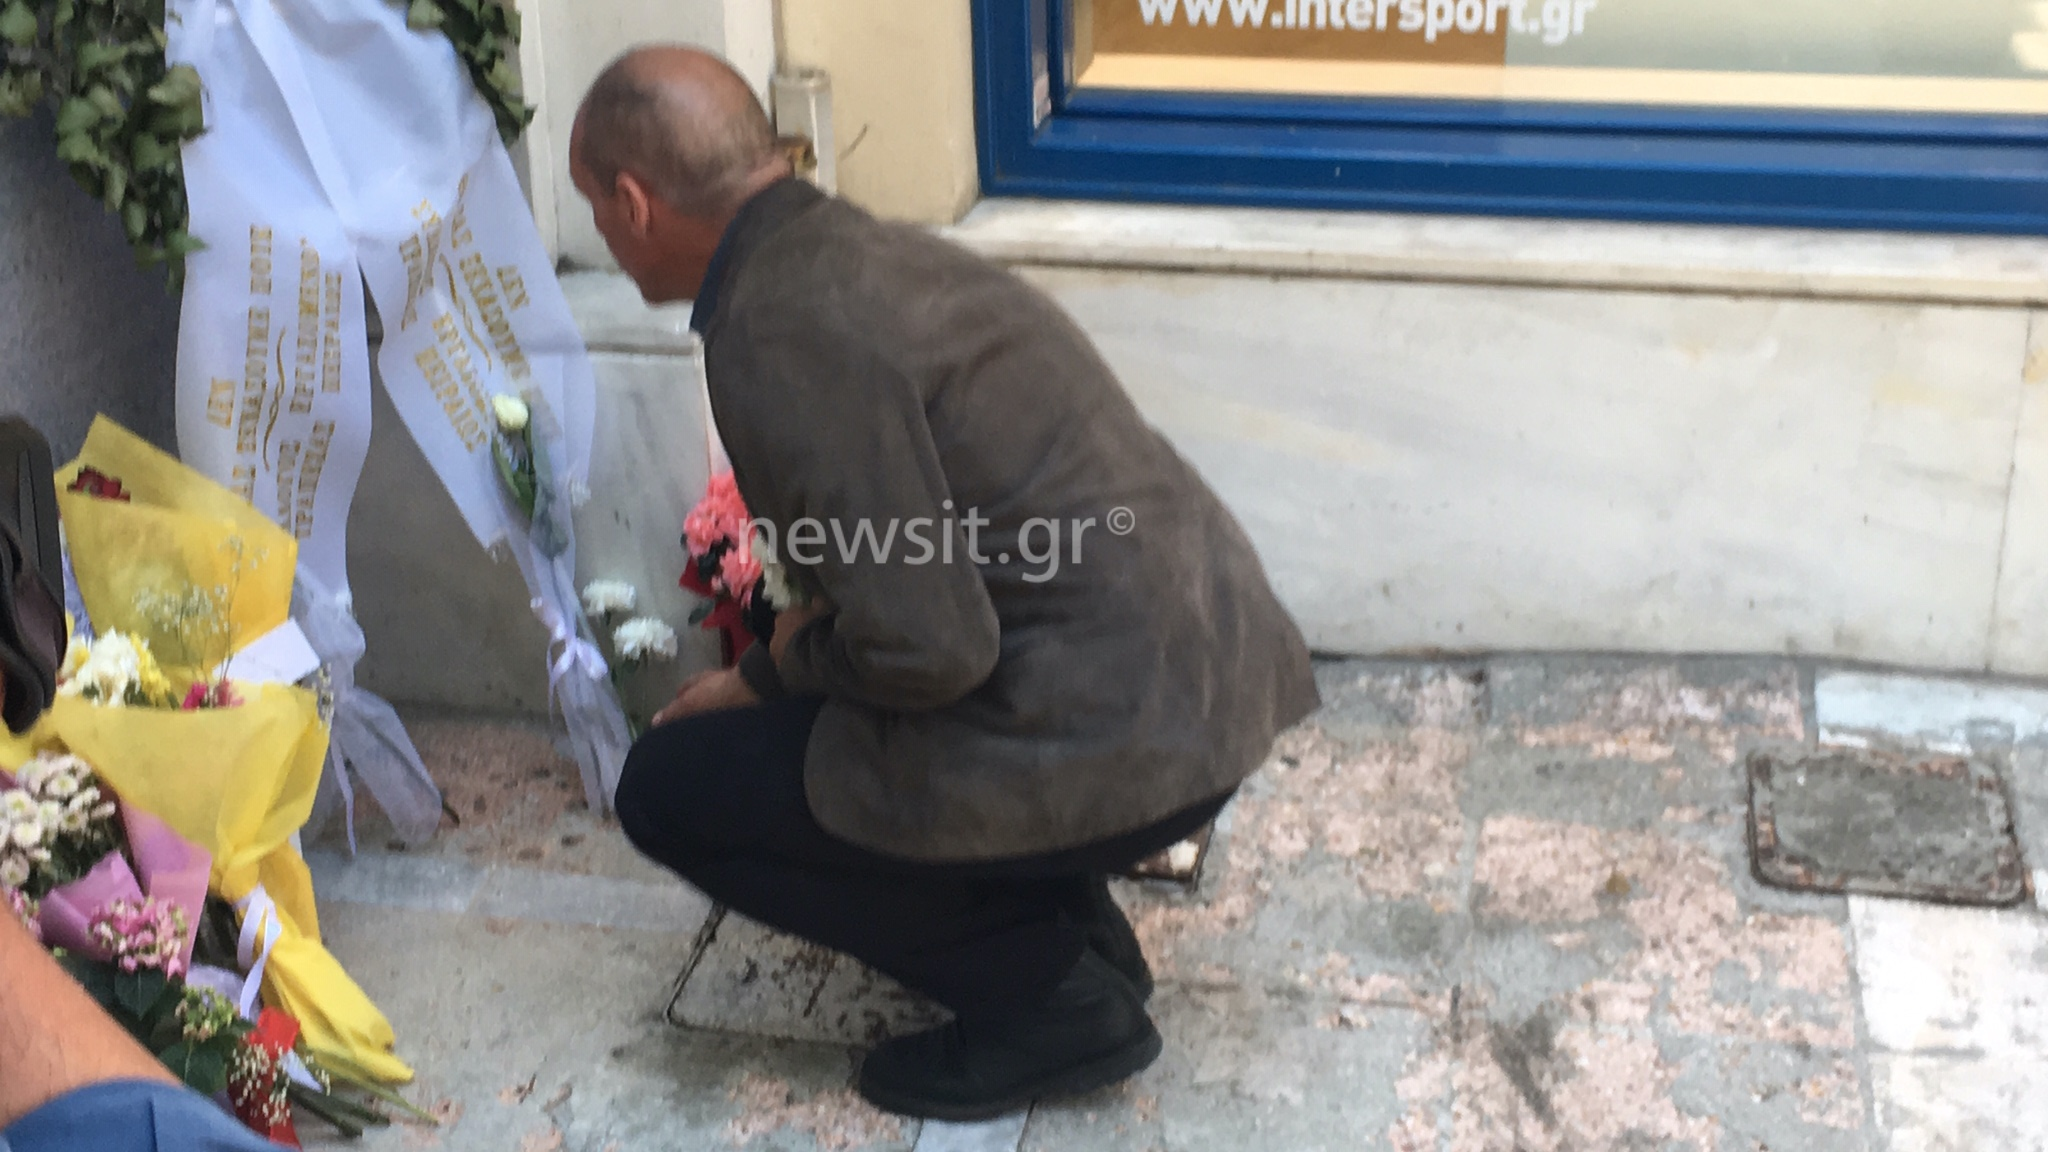 Κατέθεσαν λουλούδια στην μνήμη των θυμάτων της Marfin αλλά ζητούν να μην ανοίξει ξανά η υπόθεση